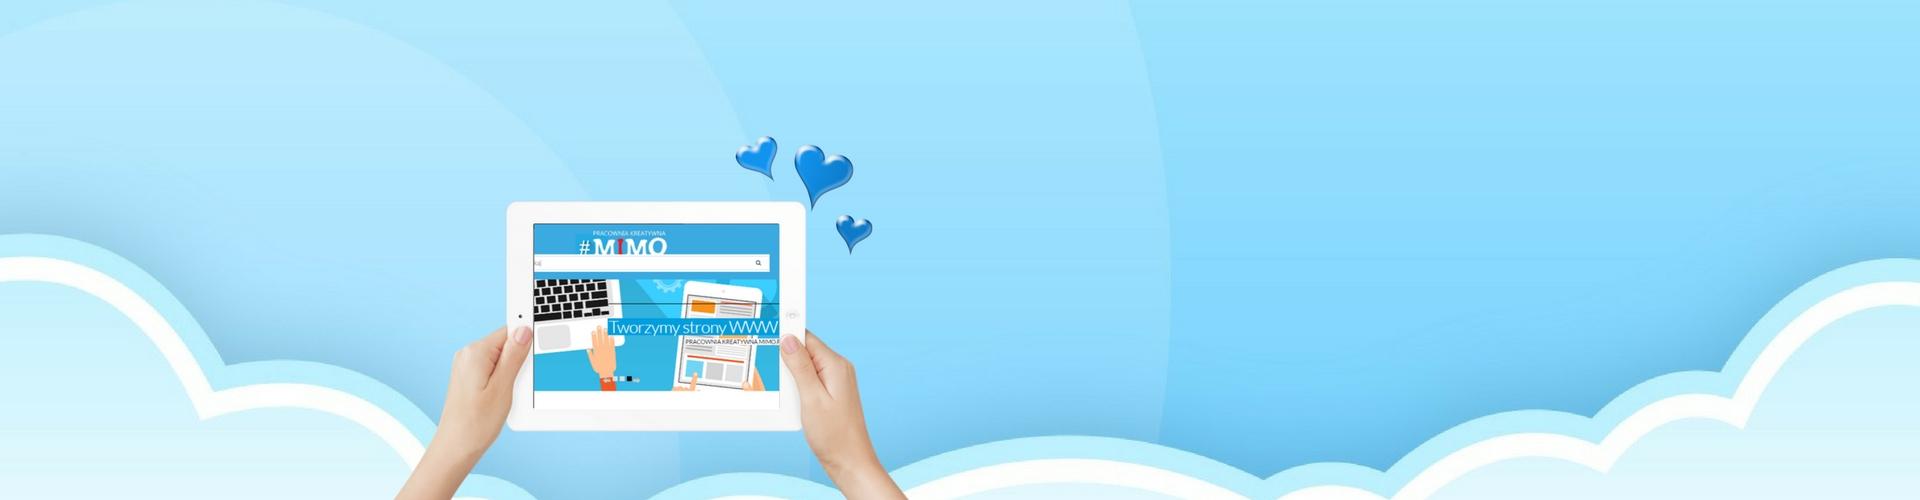 prowadzenie facebook dla firm obsługa social media